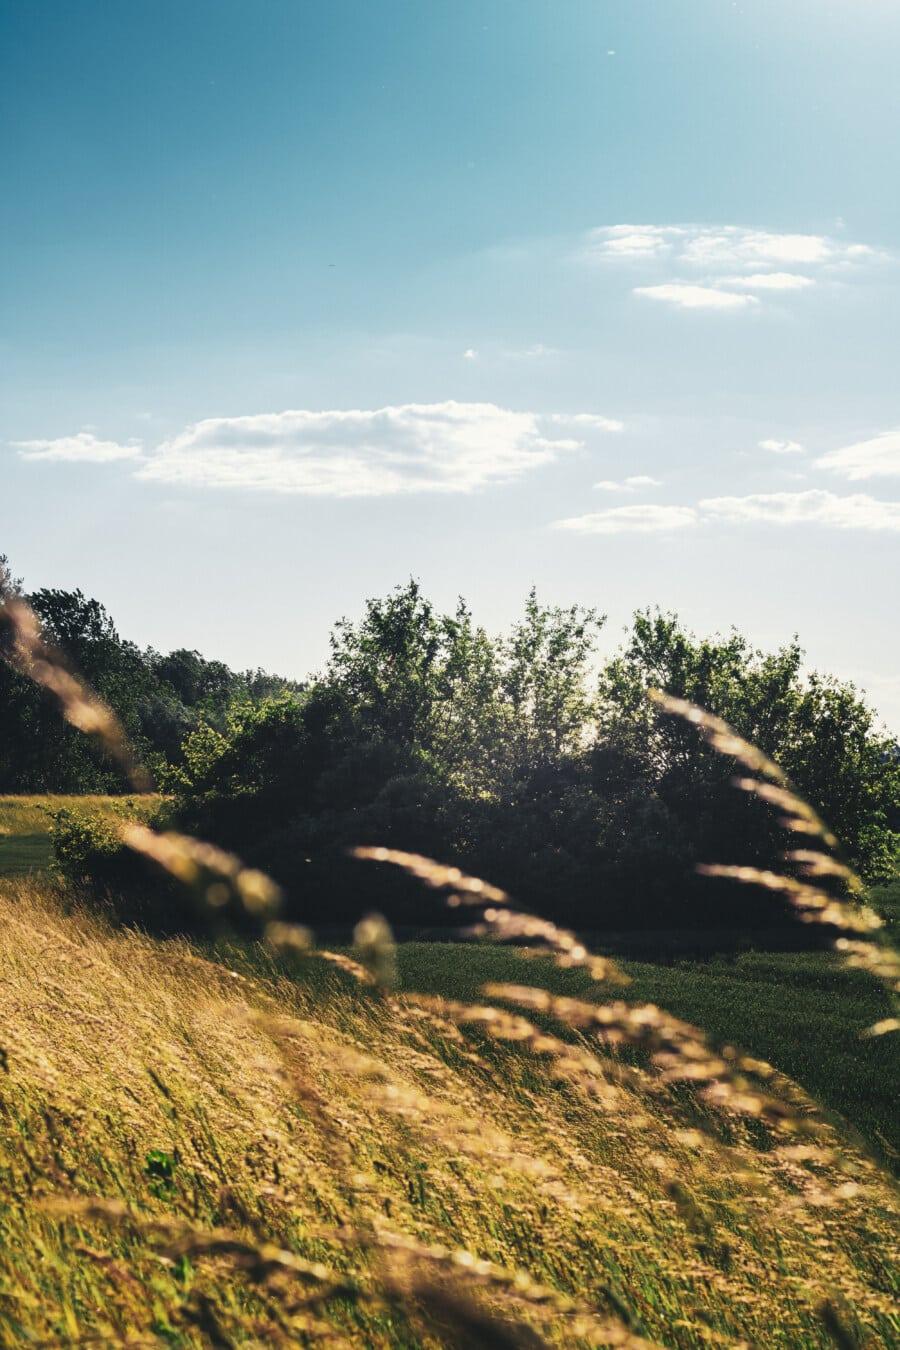 câmp, Wheatfield, agricole, coastă de deal, dealuri, plop tremurător, peisaj, copac, natura, iarba